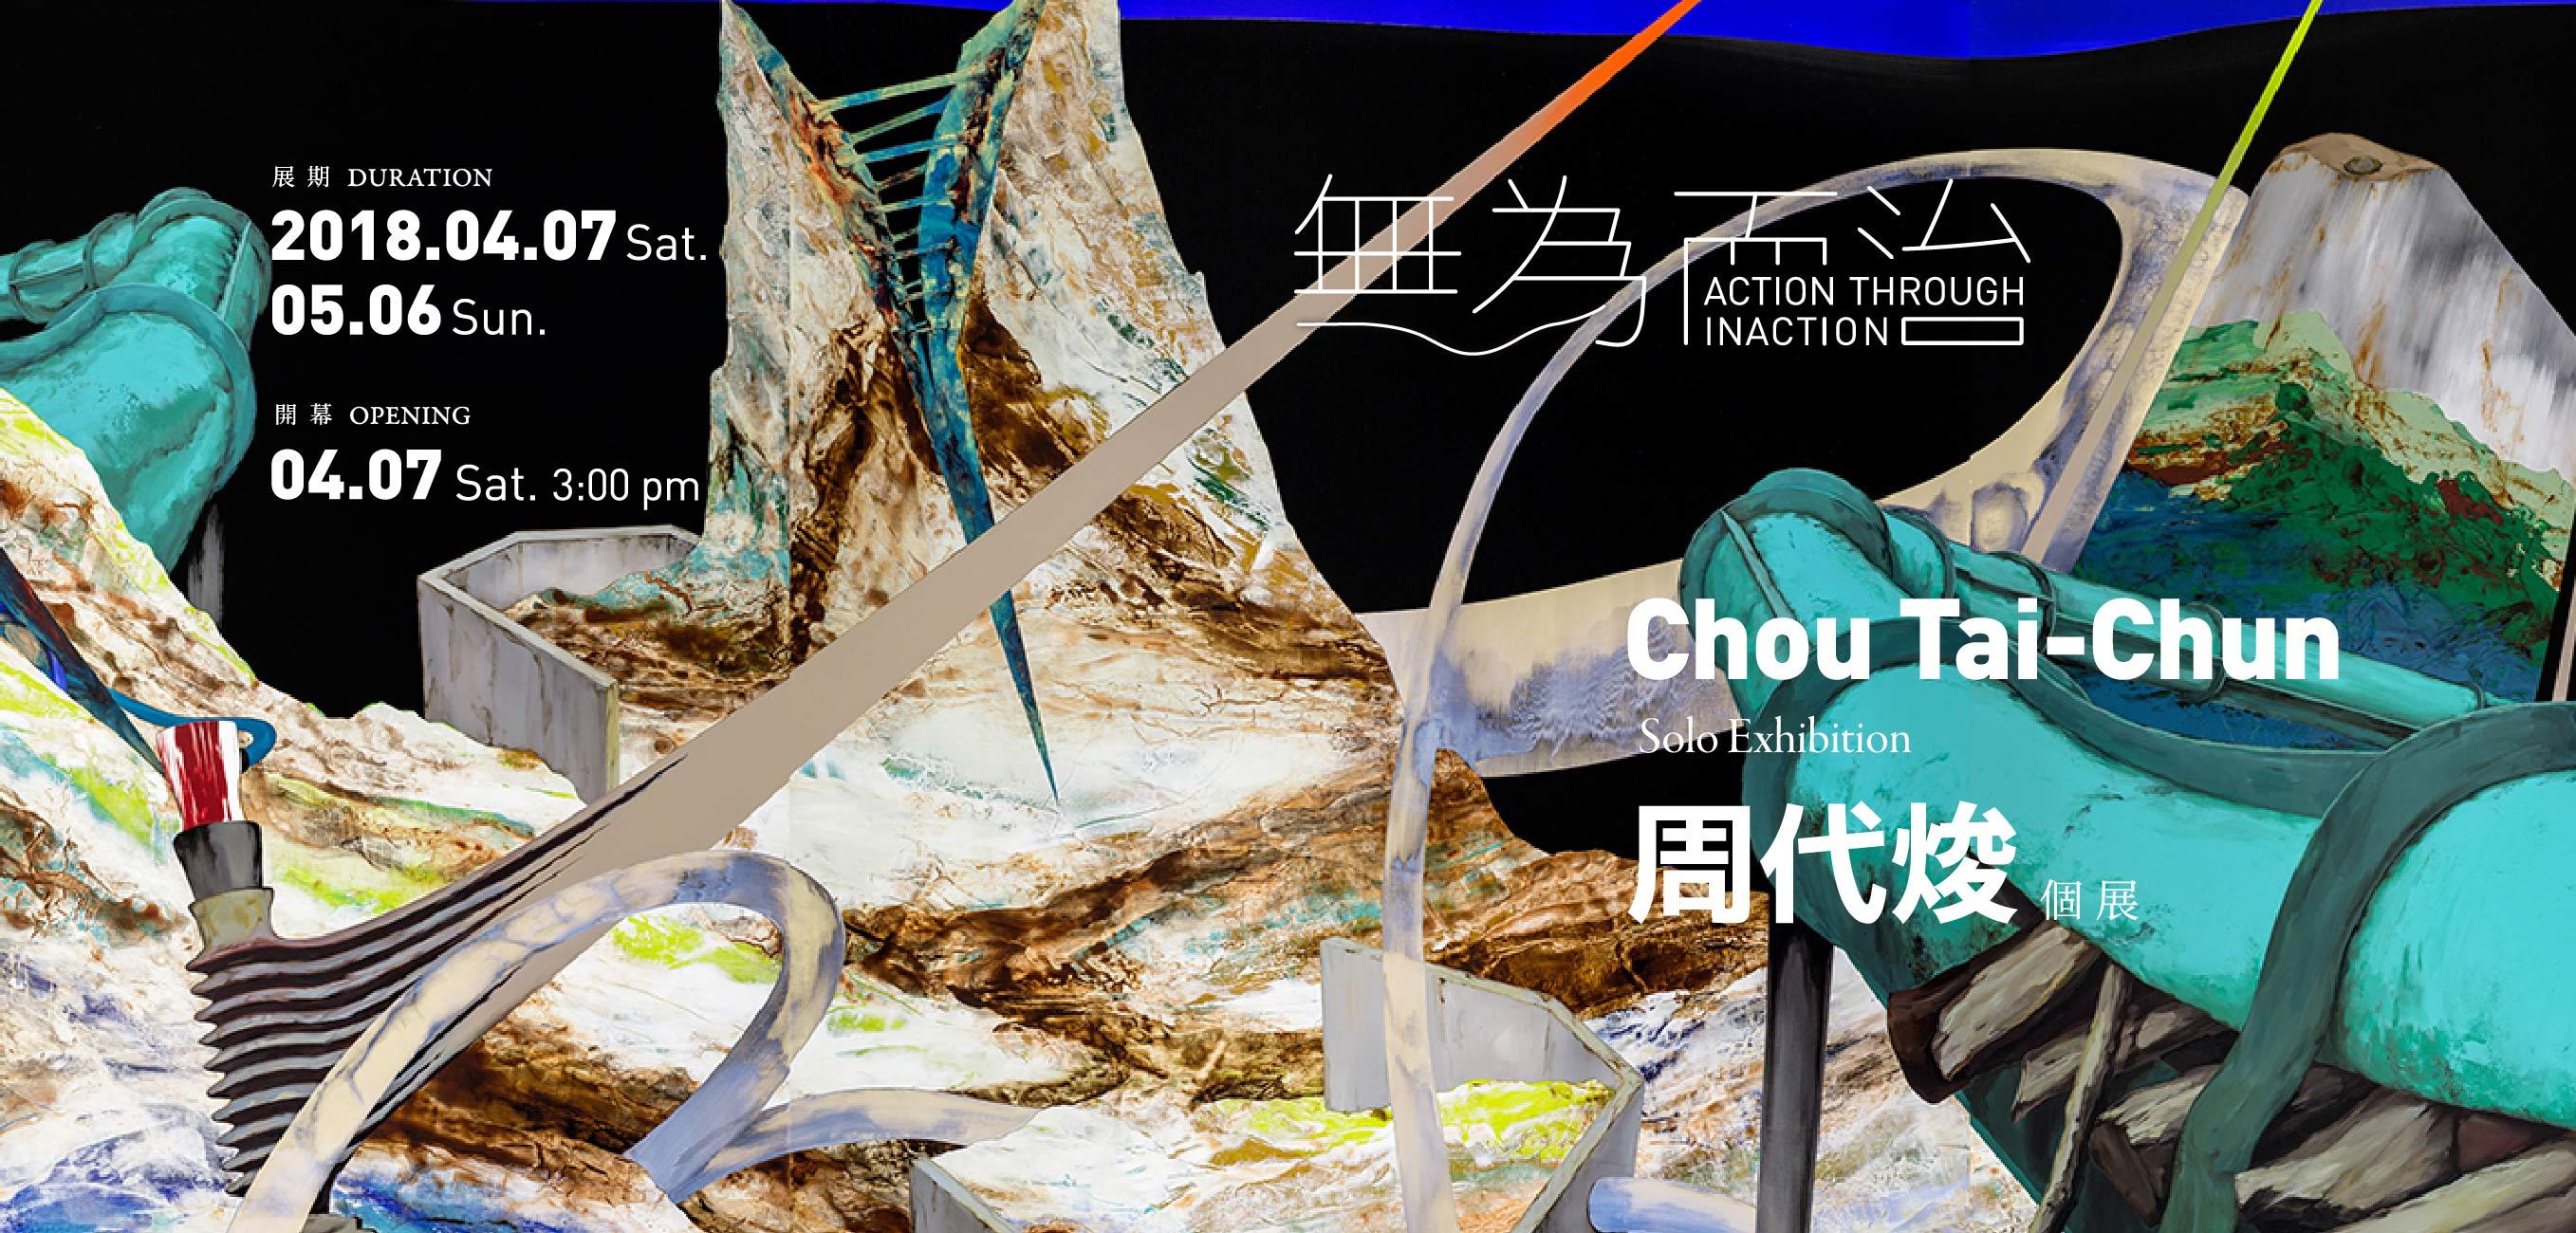 Action Through Inaction — CHOU Tai-Chun Solo Exhibition